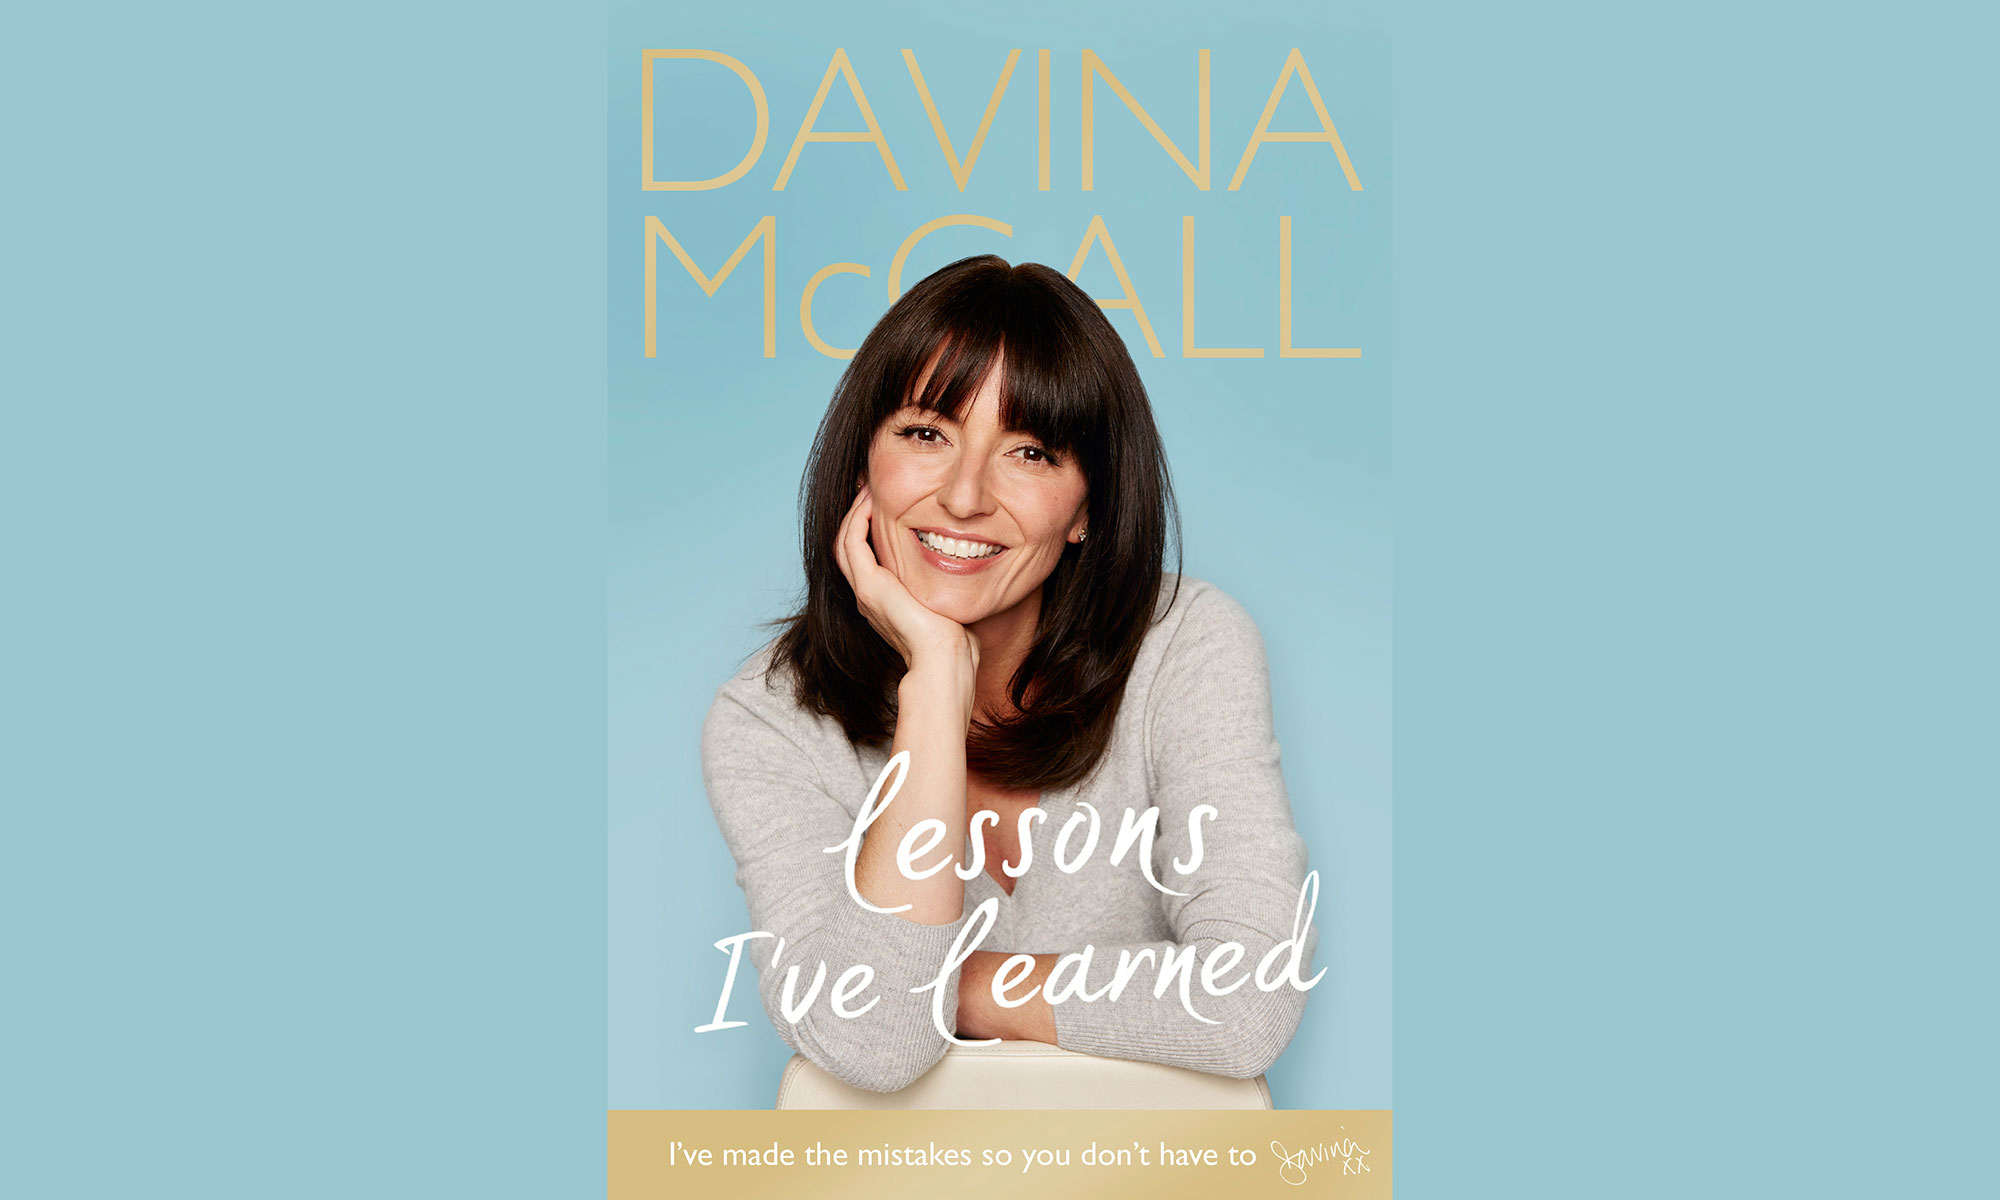 Davina Cover